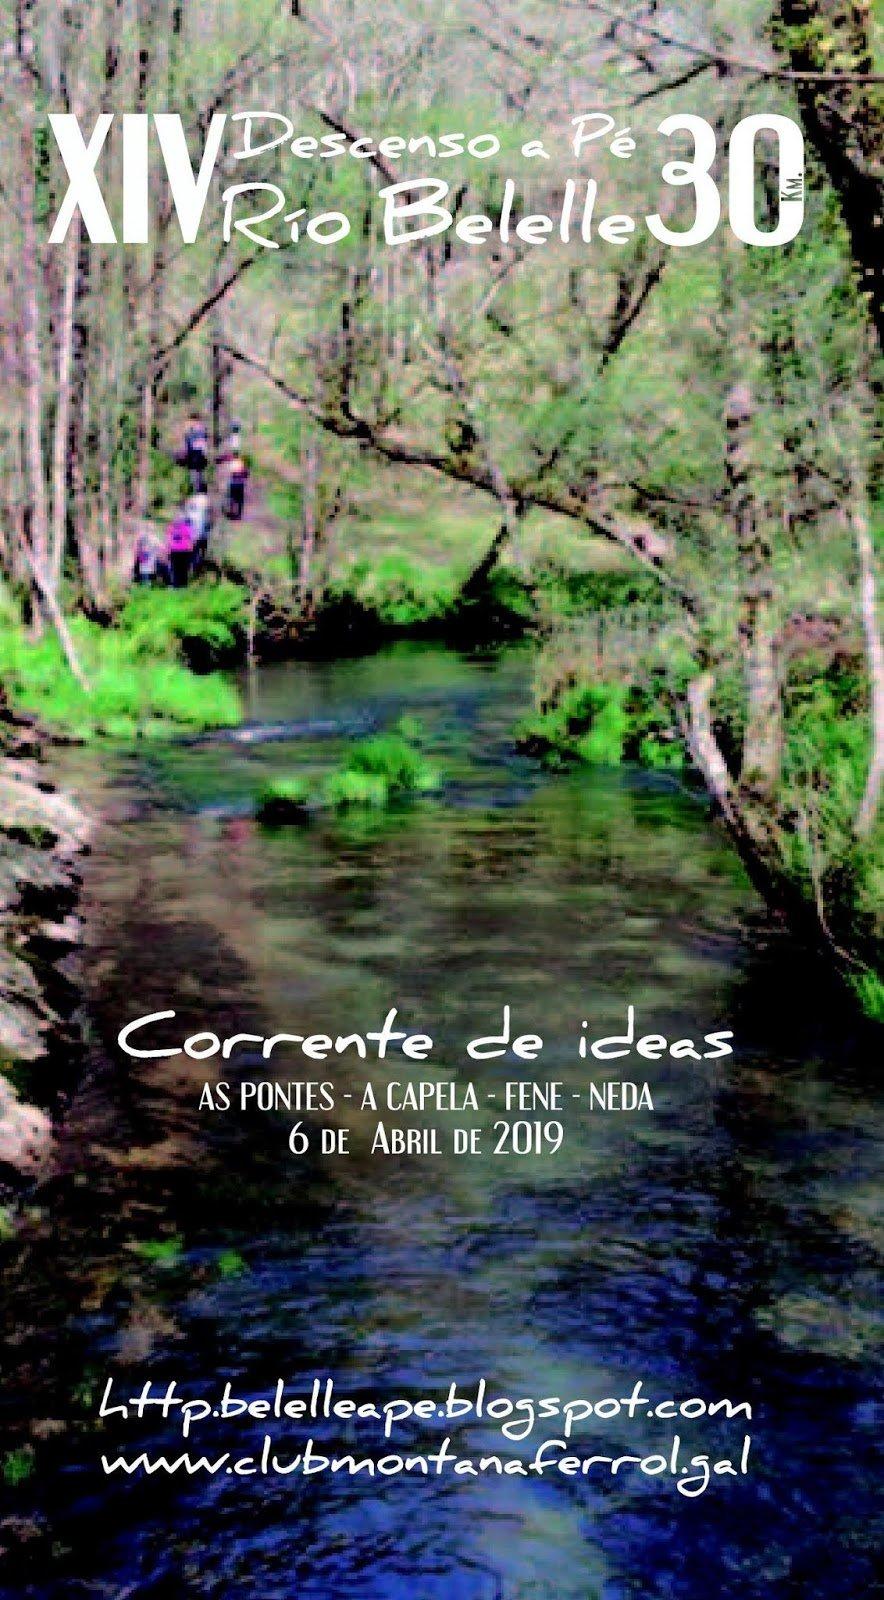 Sábado 6 de abril 2019 - 30 km a pé polos concellos de As Pontes, A Capela, Fene e Neda